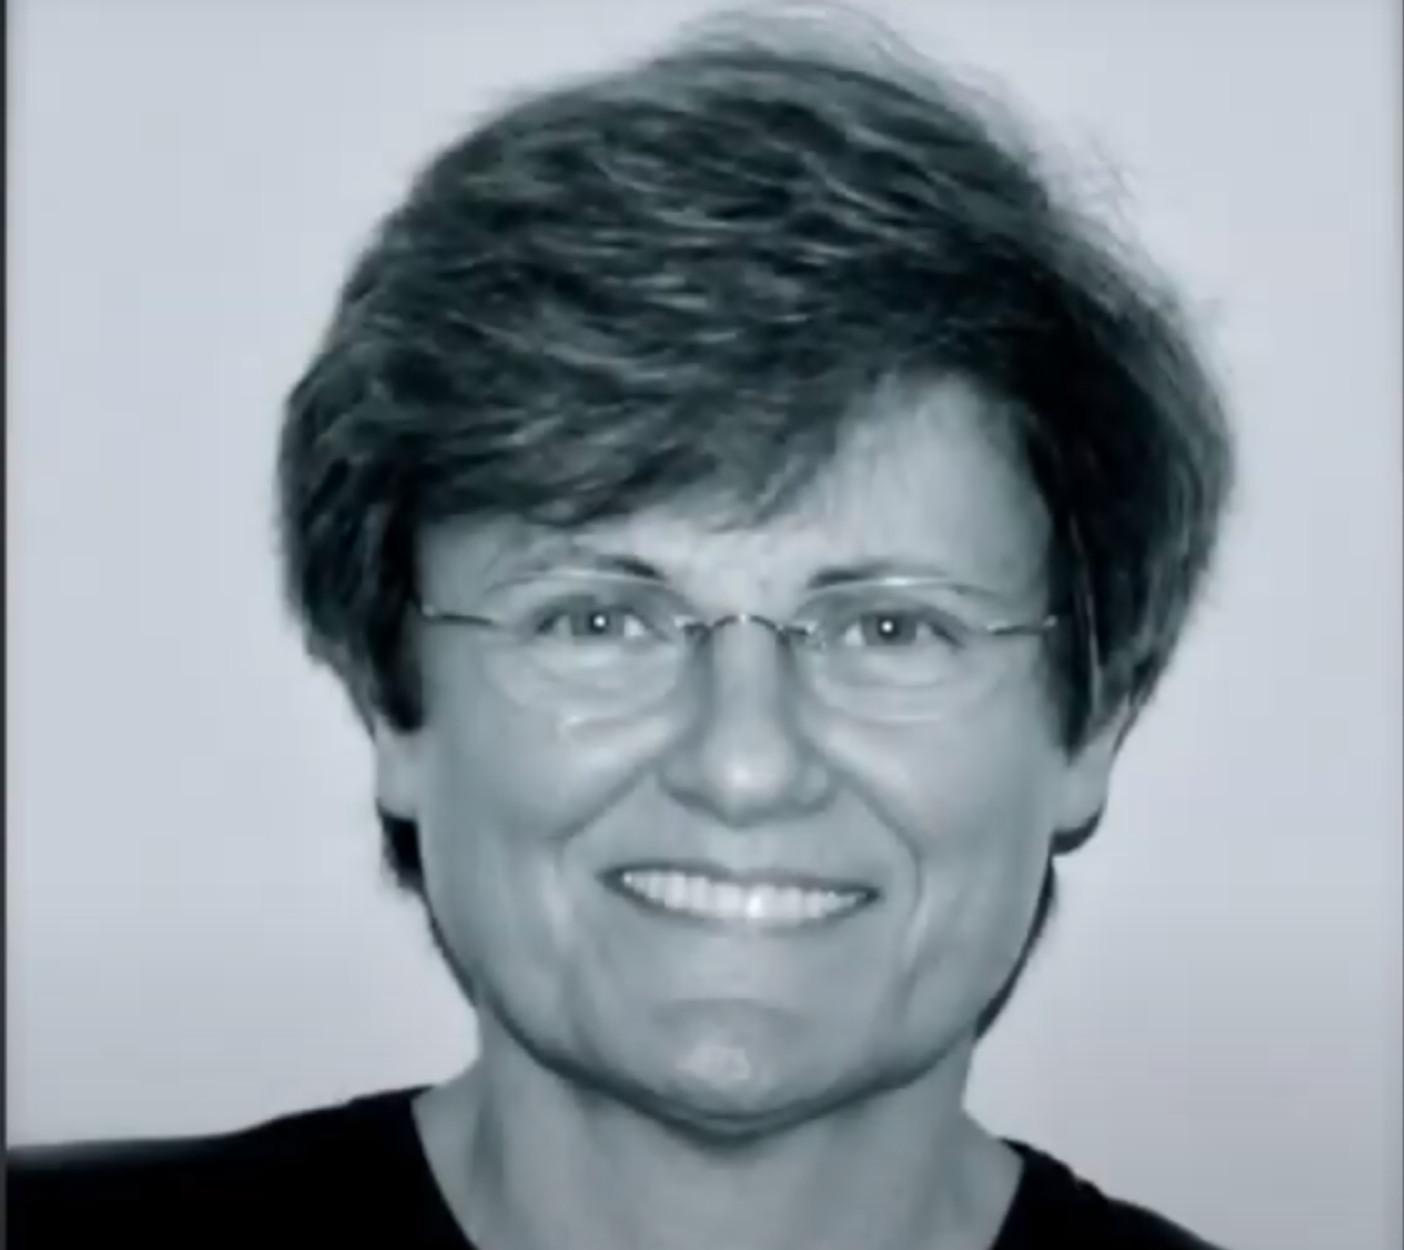 """Καταλίν Καρικό: Η επιστήμονας πίσω από την τεχνολογία του RNA που """"δίνει"""" το εμβόλιο κατά του κορονοϊού"""